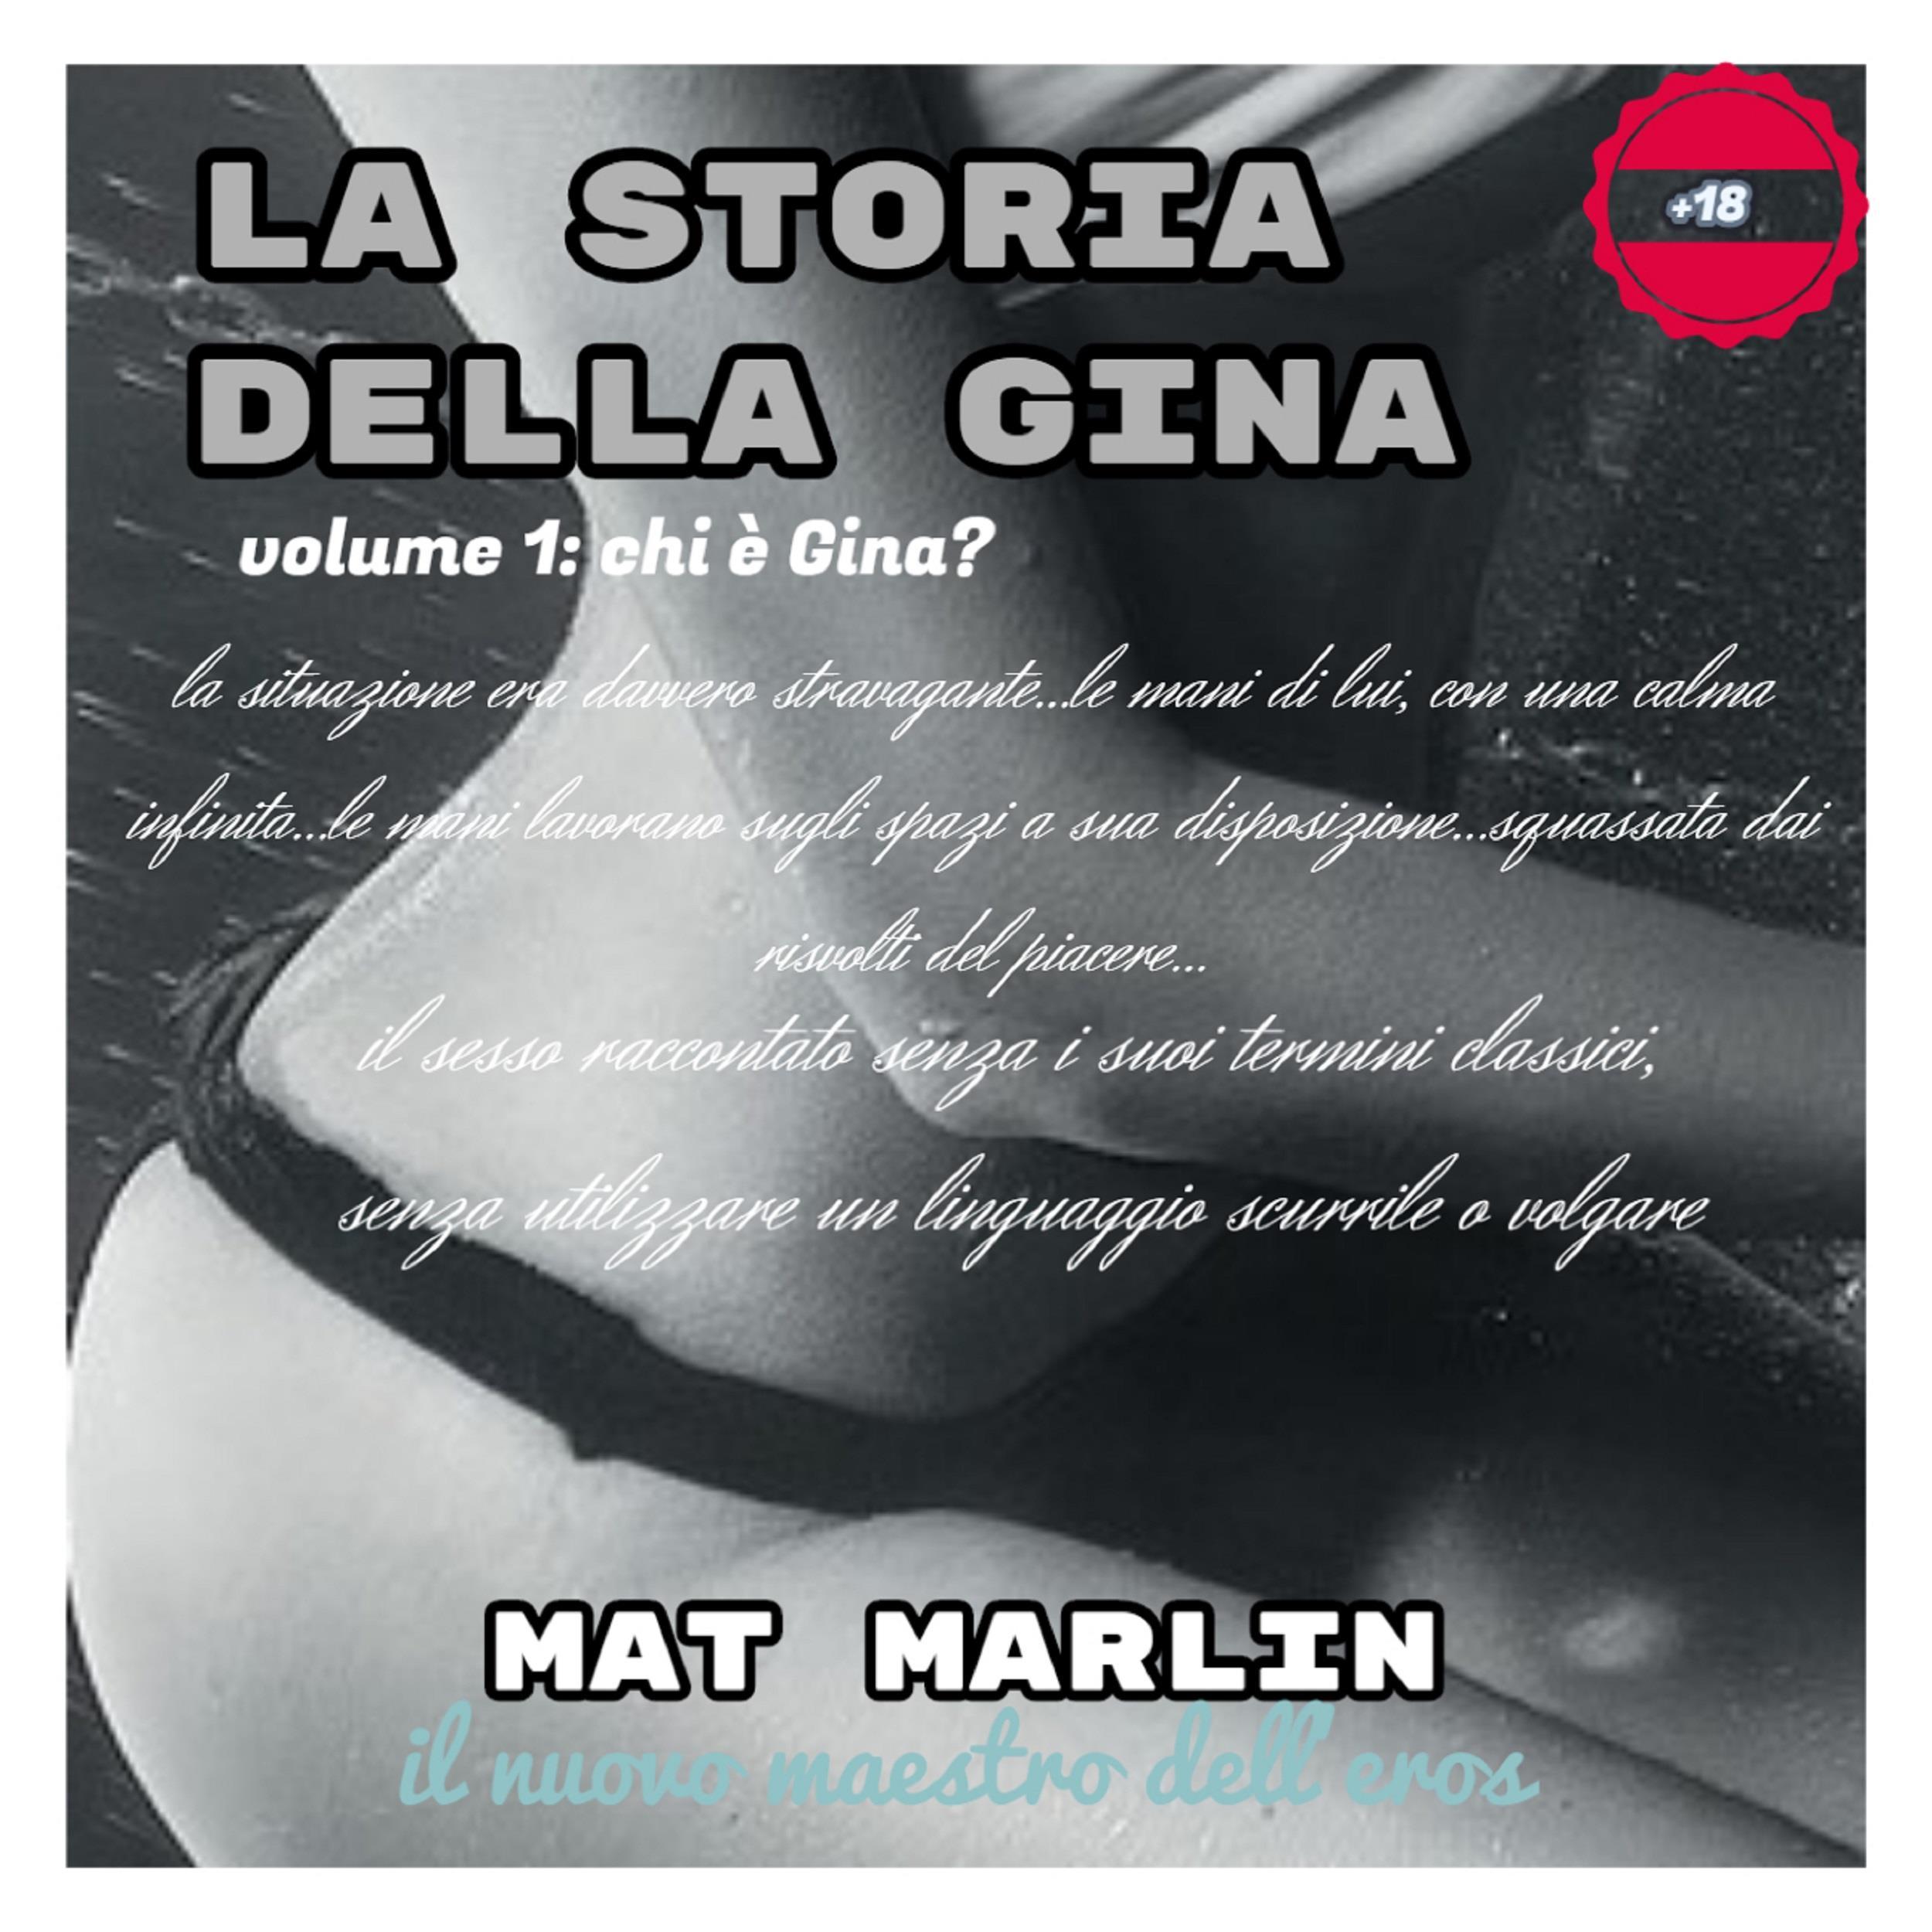 La storia della Gina, volume uno, Chi è Gina?